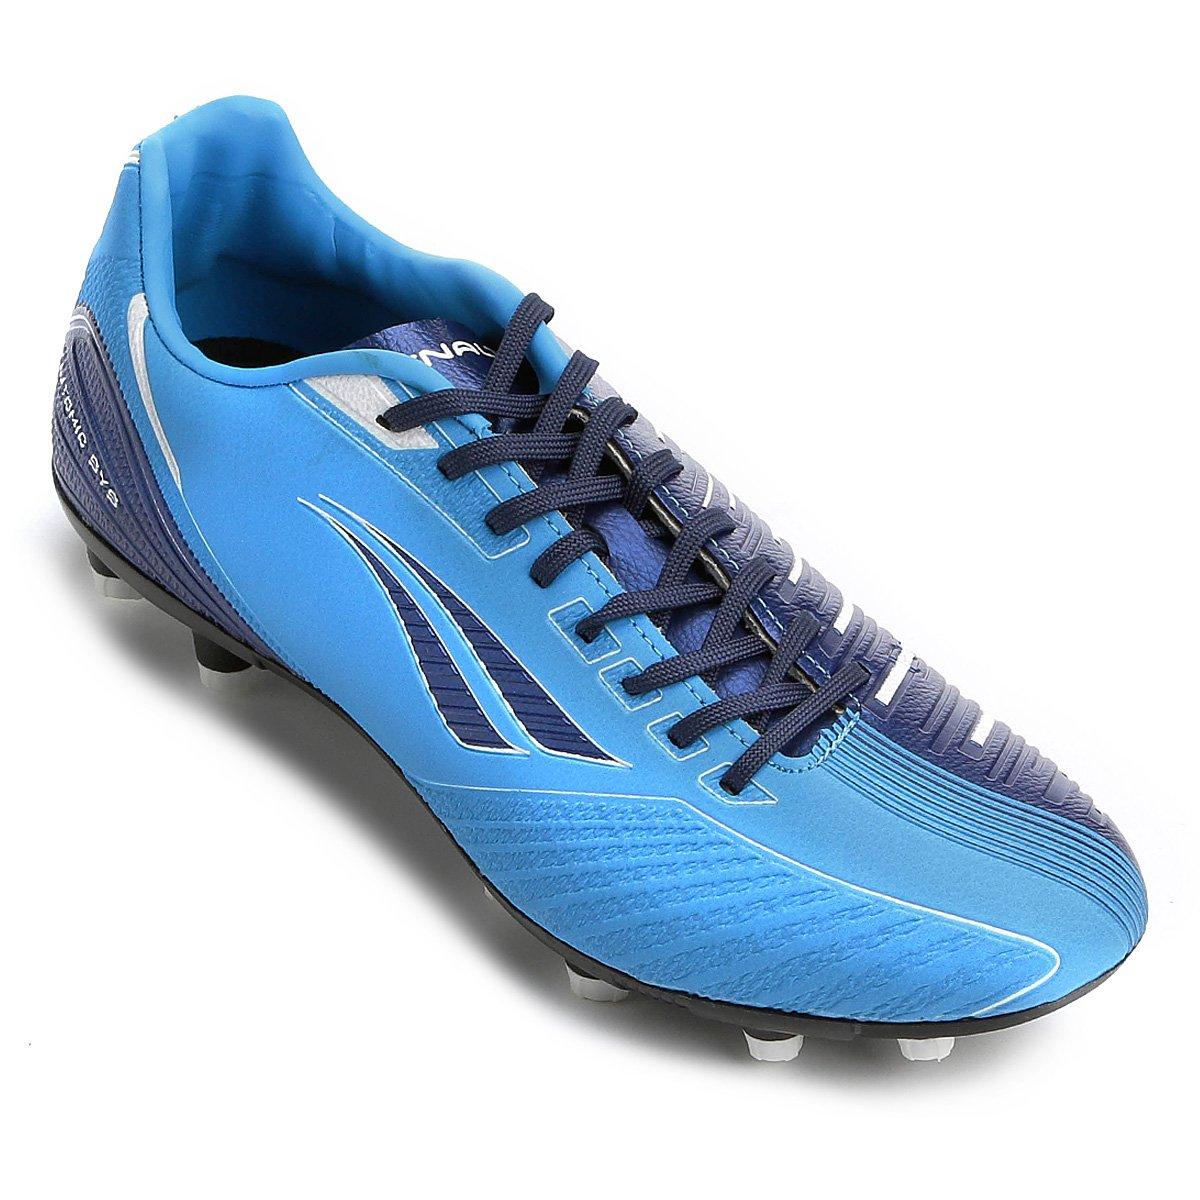 6cc19d4b7fe57 Chuteira Campo Penalty Digital VIII - Azul e Marinho - Compre Agora ...